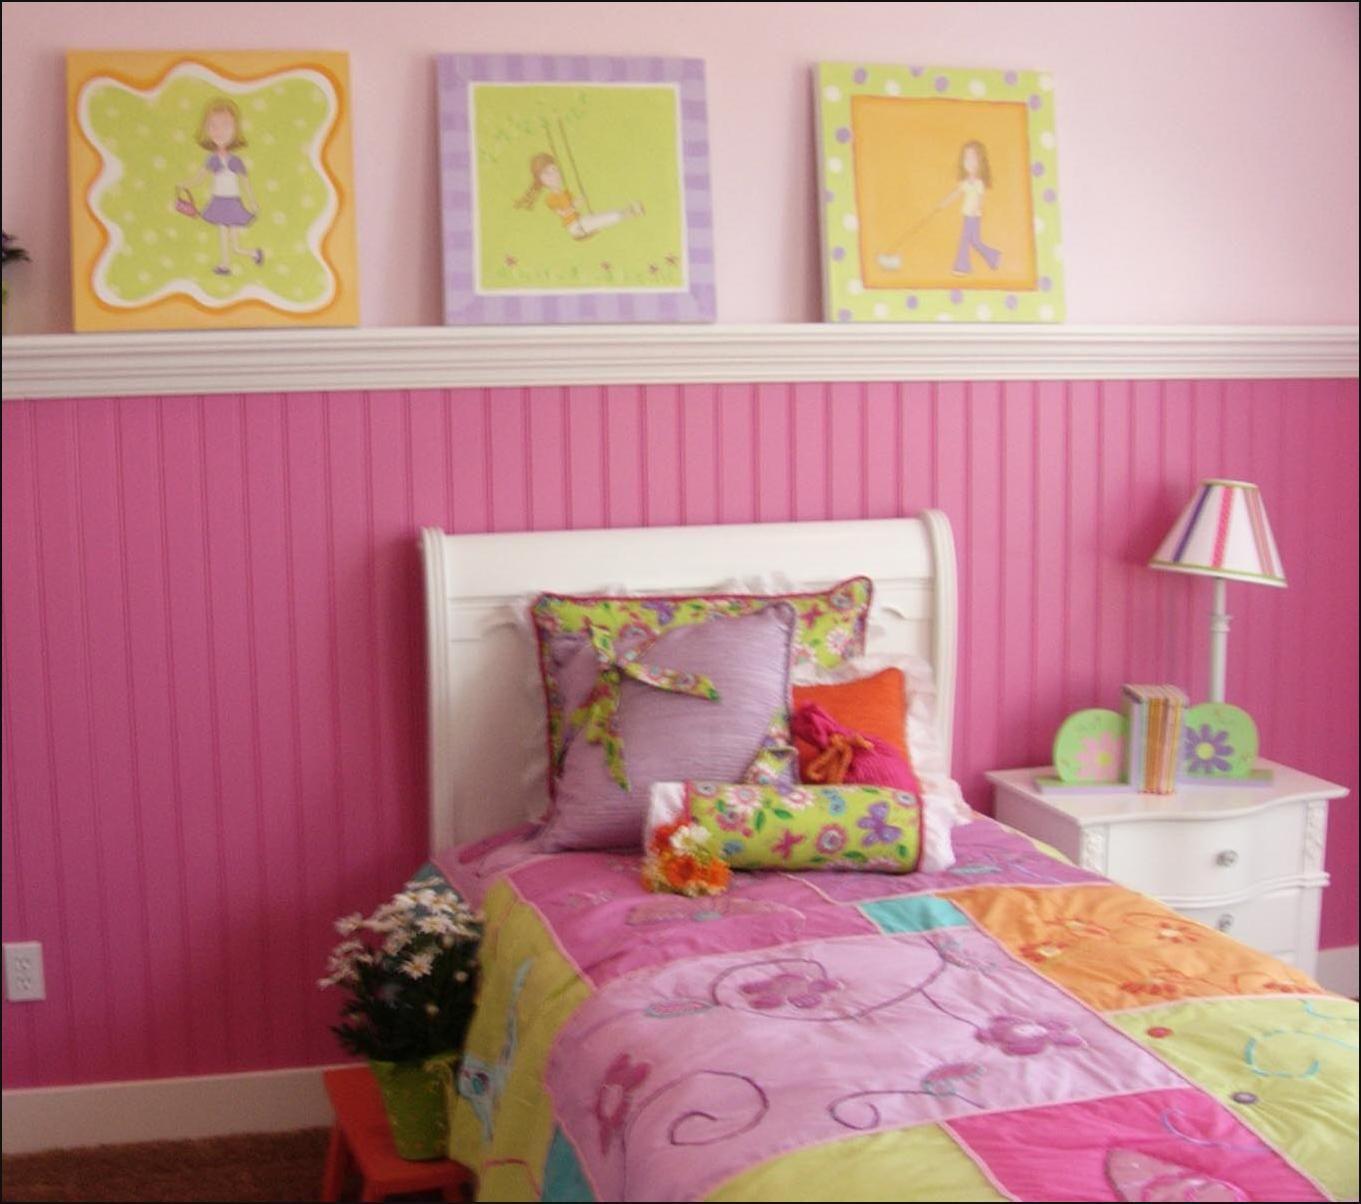 Bedrooms Designs For Girls Girls Bedroom Design The Post Girls Bedroom Design Appeared First